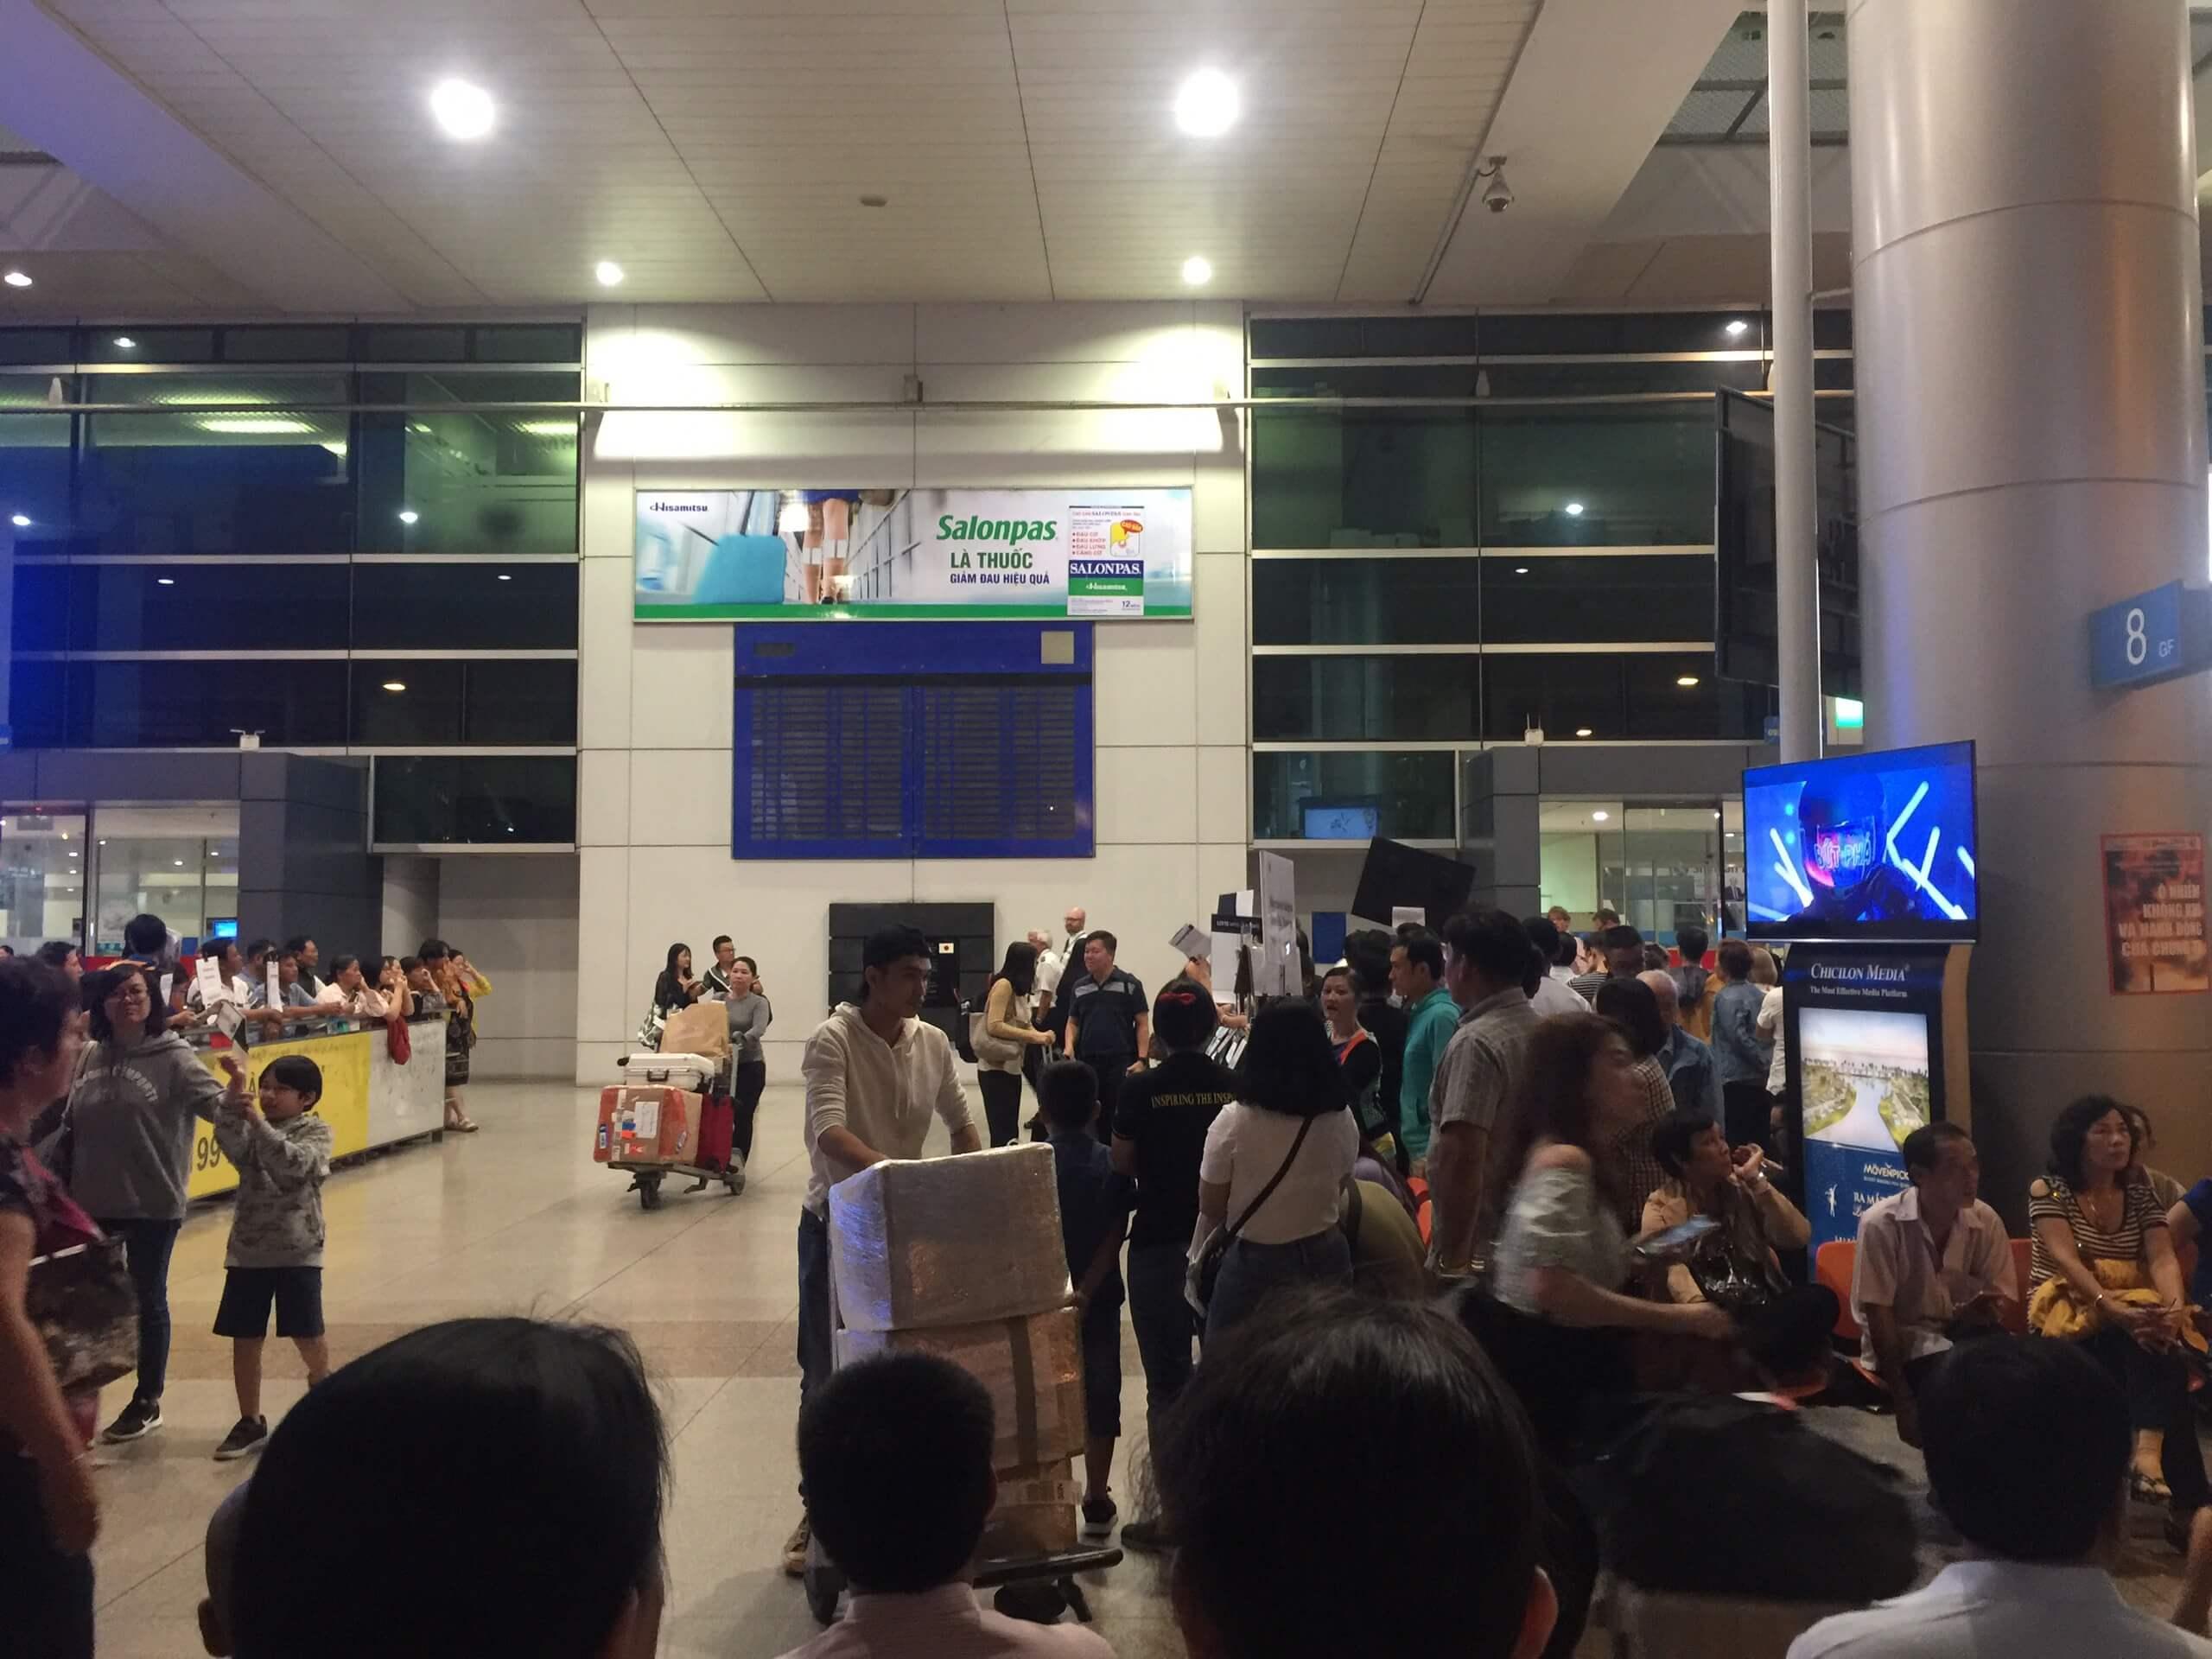 Kinh nghiệm đưa đón khách ở sân bay Tân Sơn Nhất 2021 18